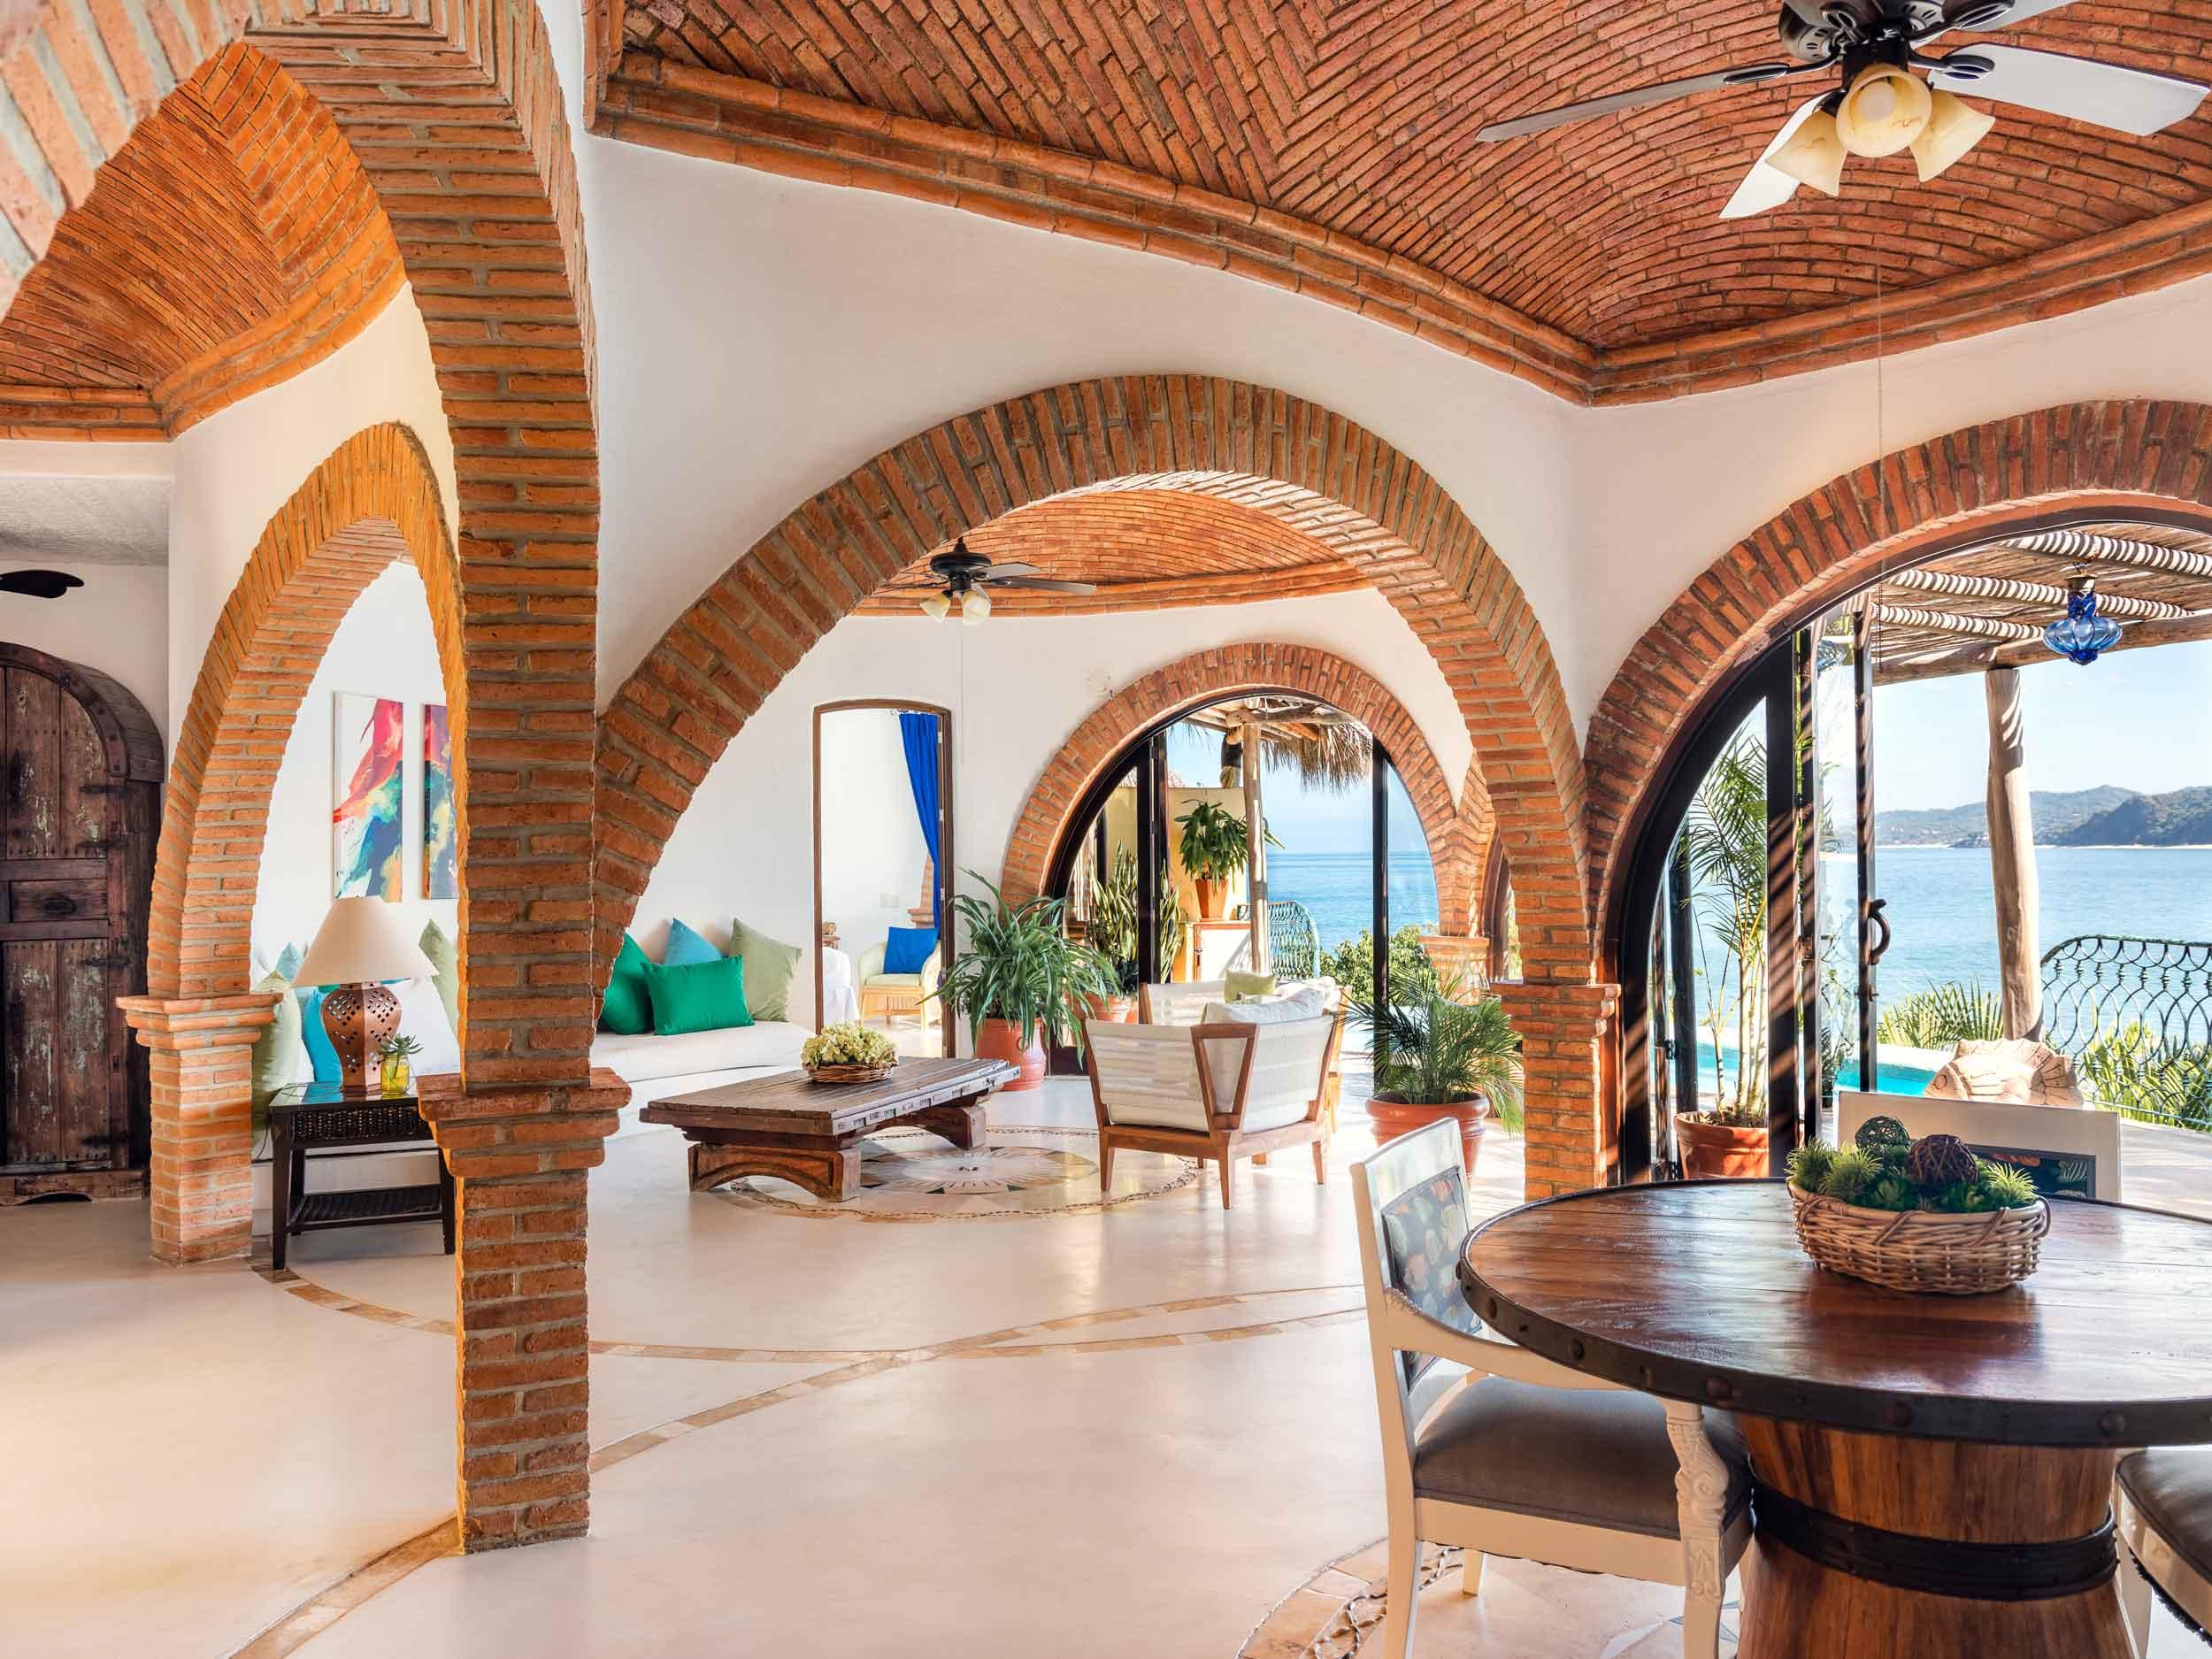 Villa Amor Pacifico